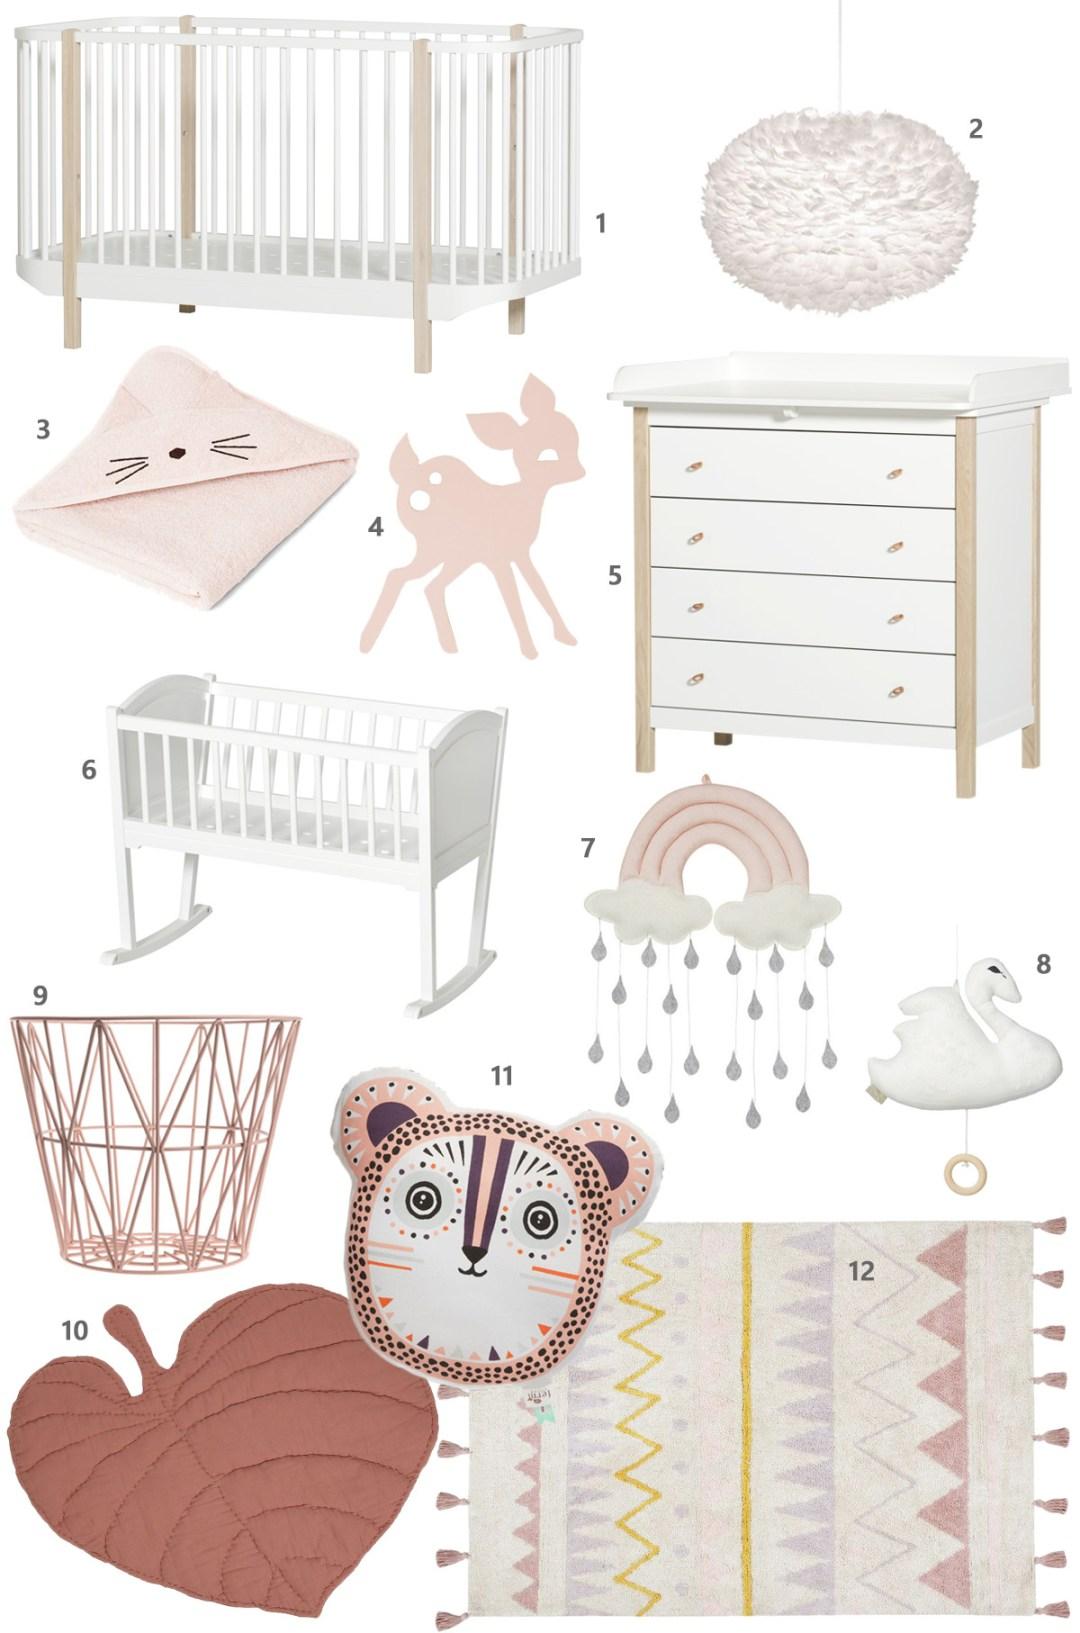 Mini & Stil, Mama Blog Schweiz, Familien Blog, Baby Blog, Snowflake Kindermöbel, Kinderzimmer, Babyzimmer, Baby Erstausstattung, rosa